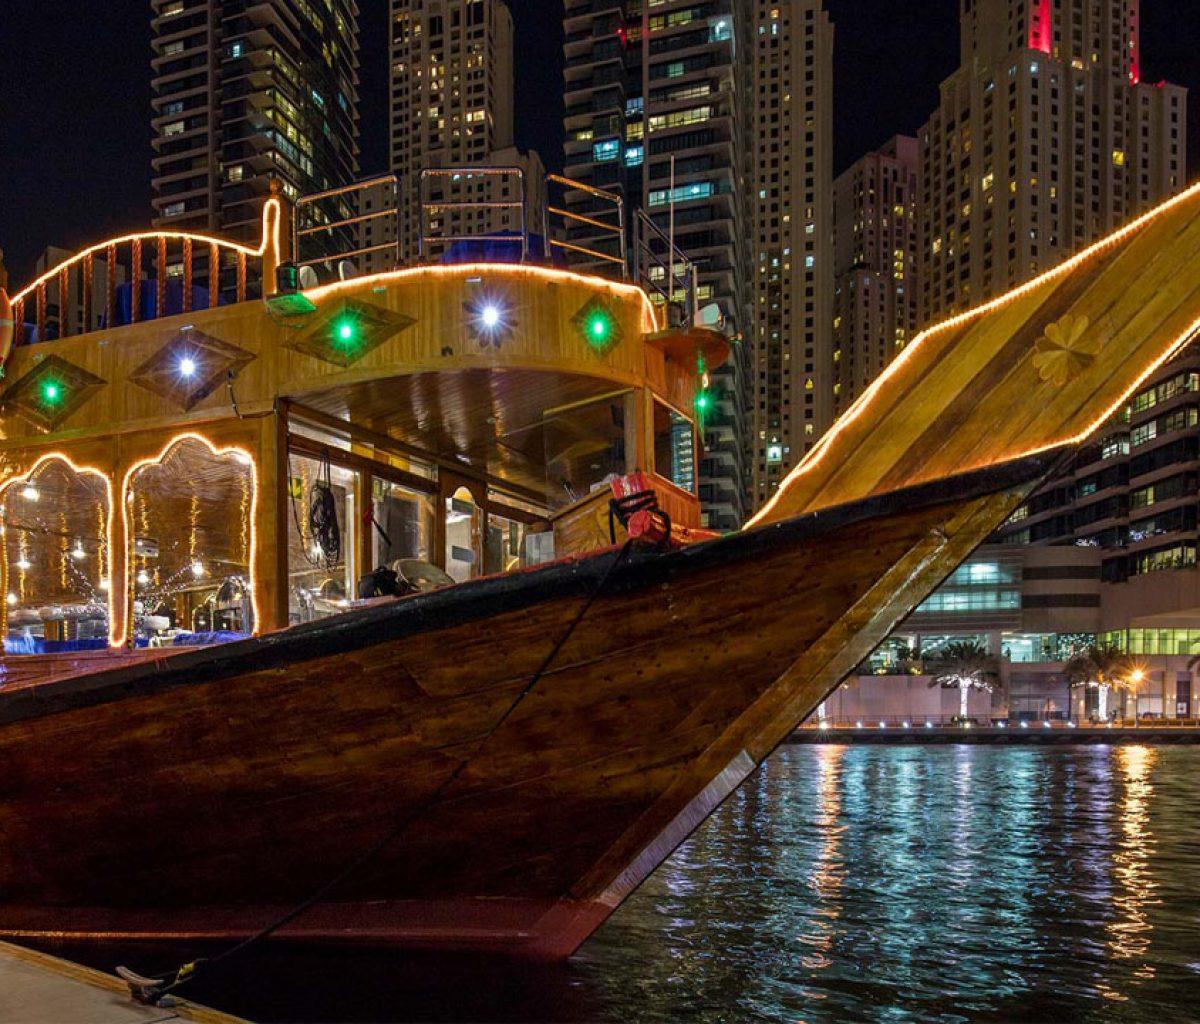 رحلة في مركب تقليدي في خور دبي مع عشاء و عروض ترفيهية